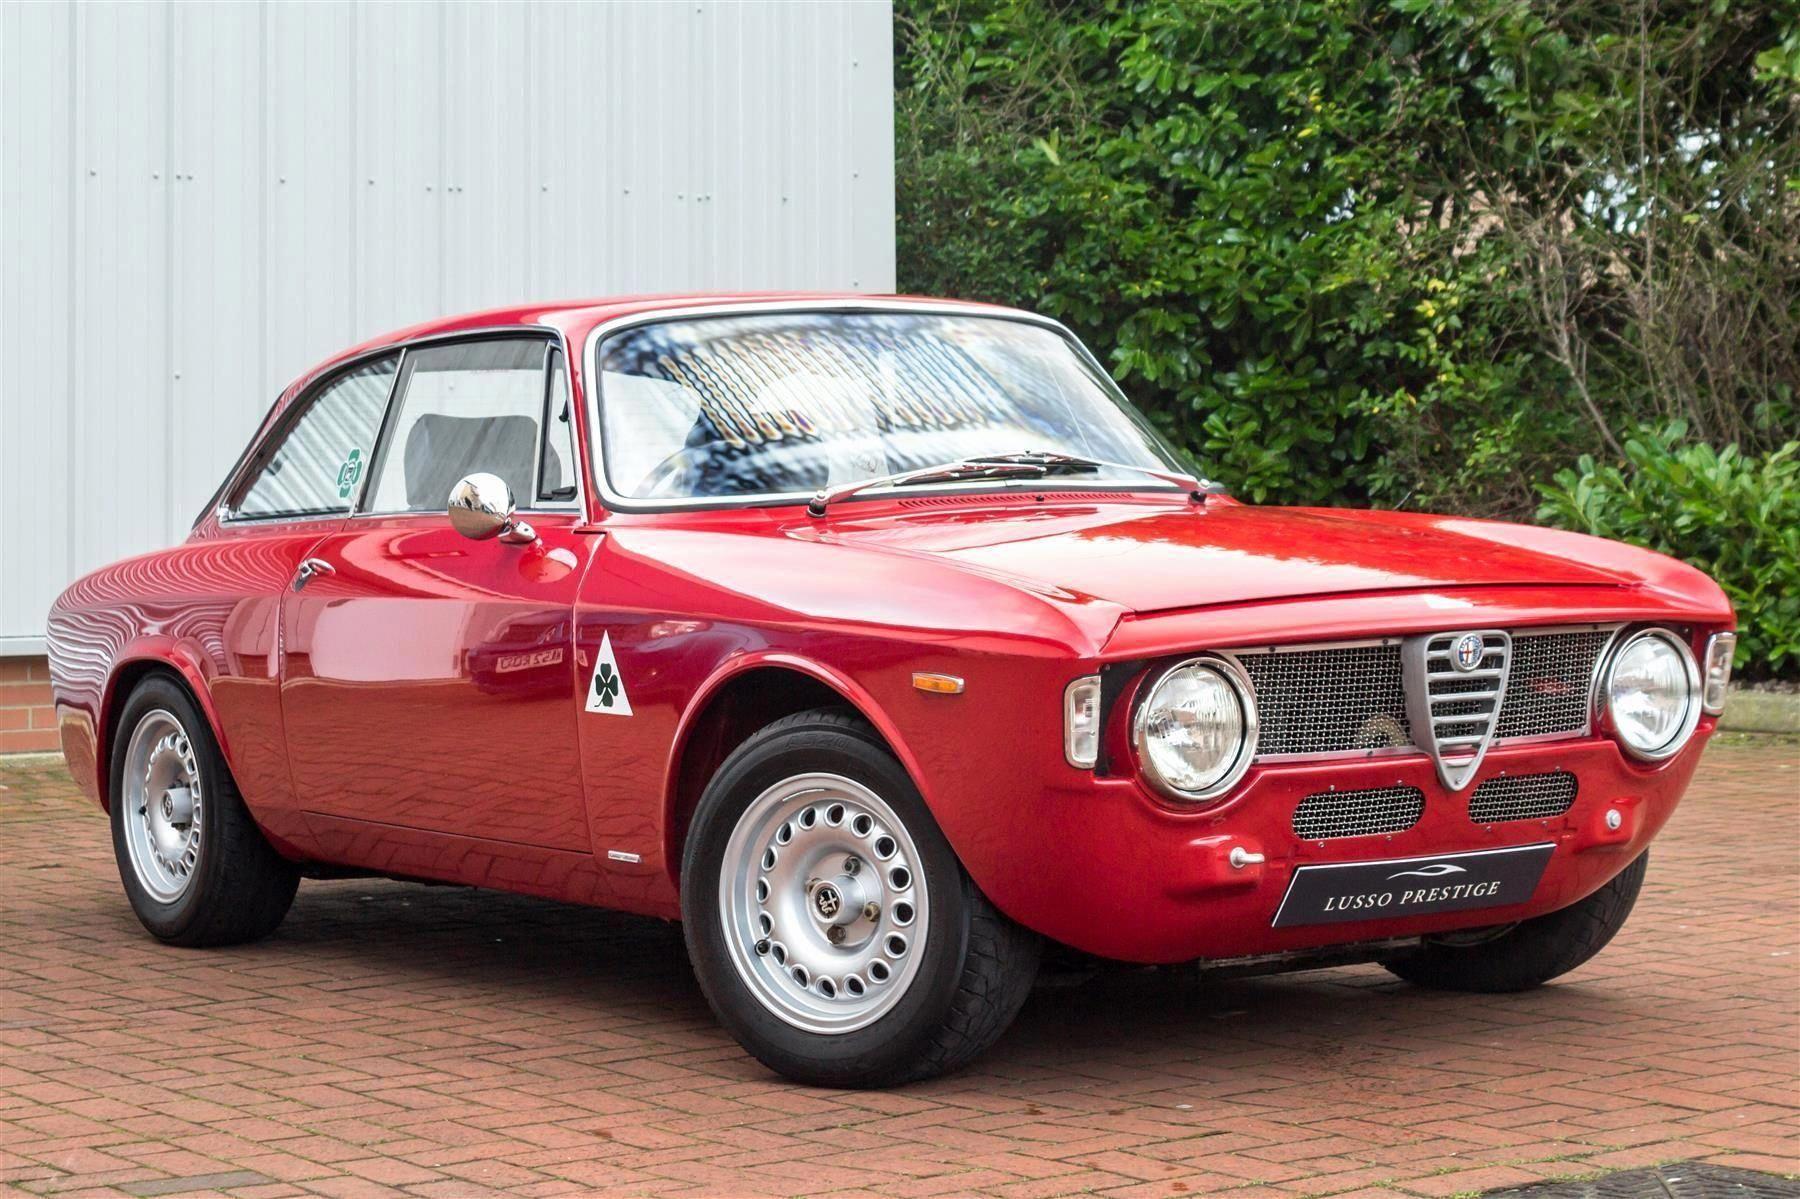 Alfa Romeo Giulia GTA AlfaRomeoclassiccars